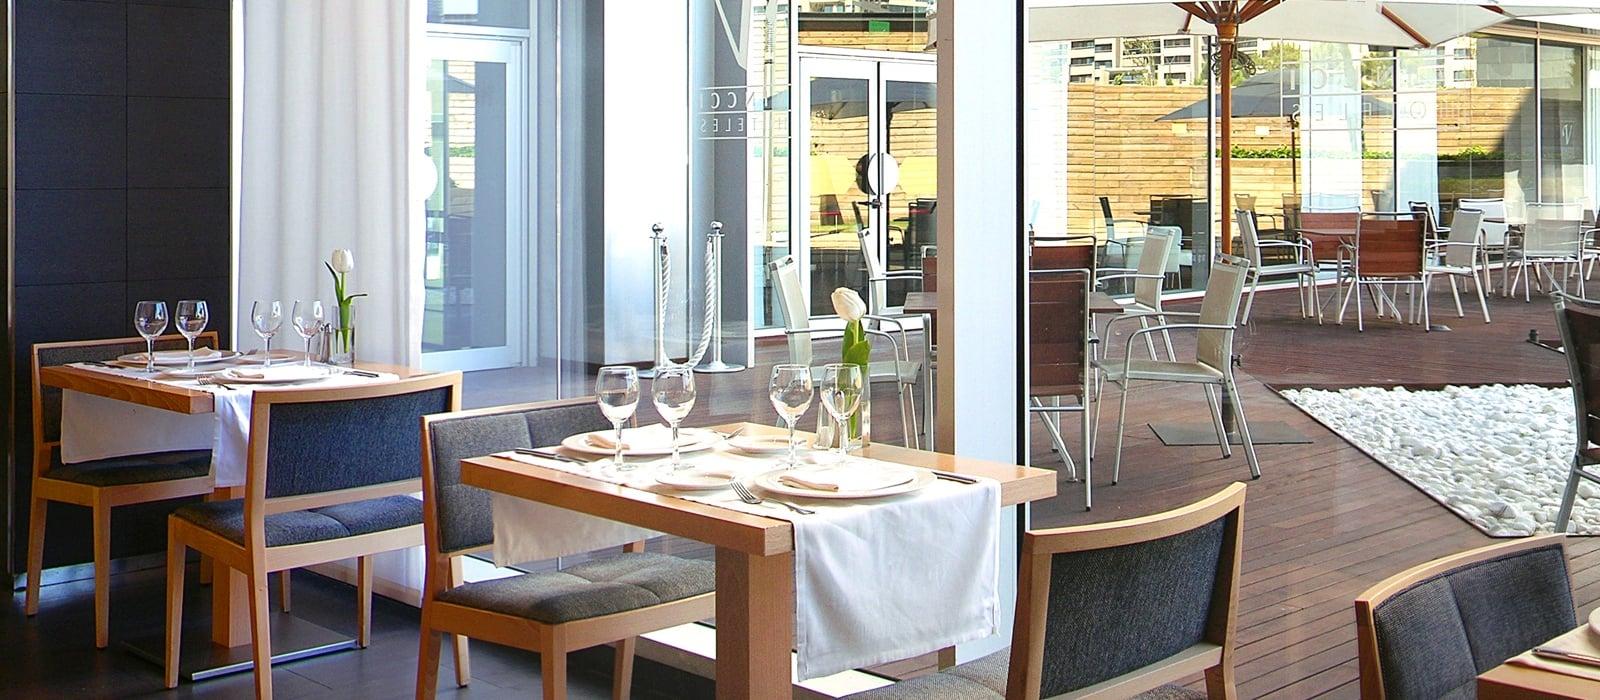 Restaurante Jardí de Mar - Vincci Marítimo